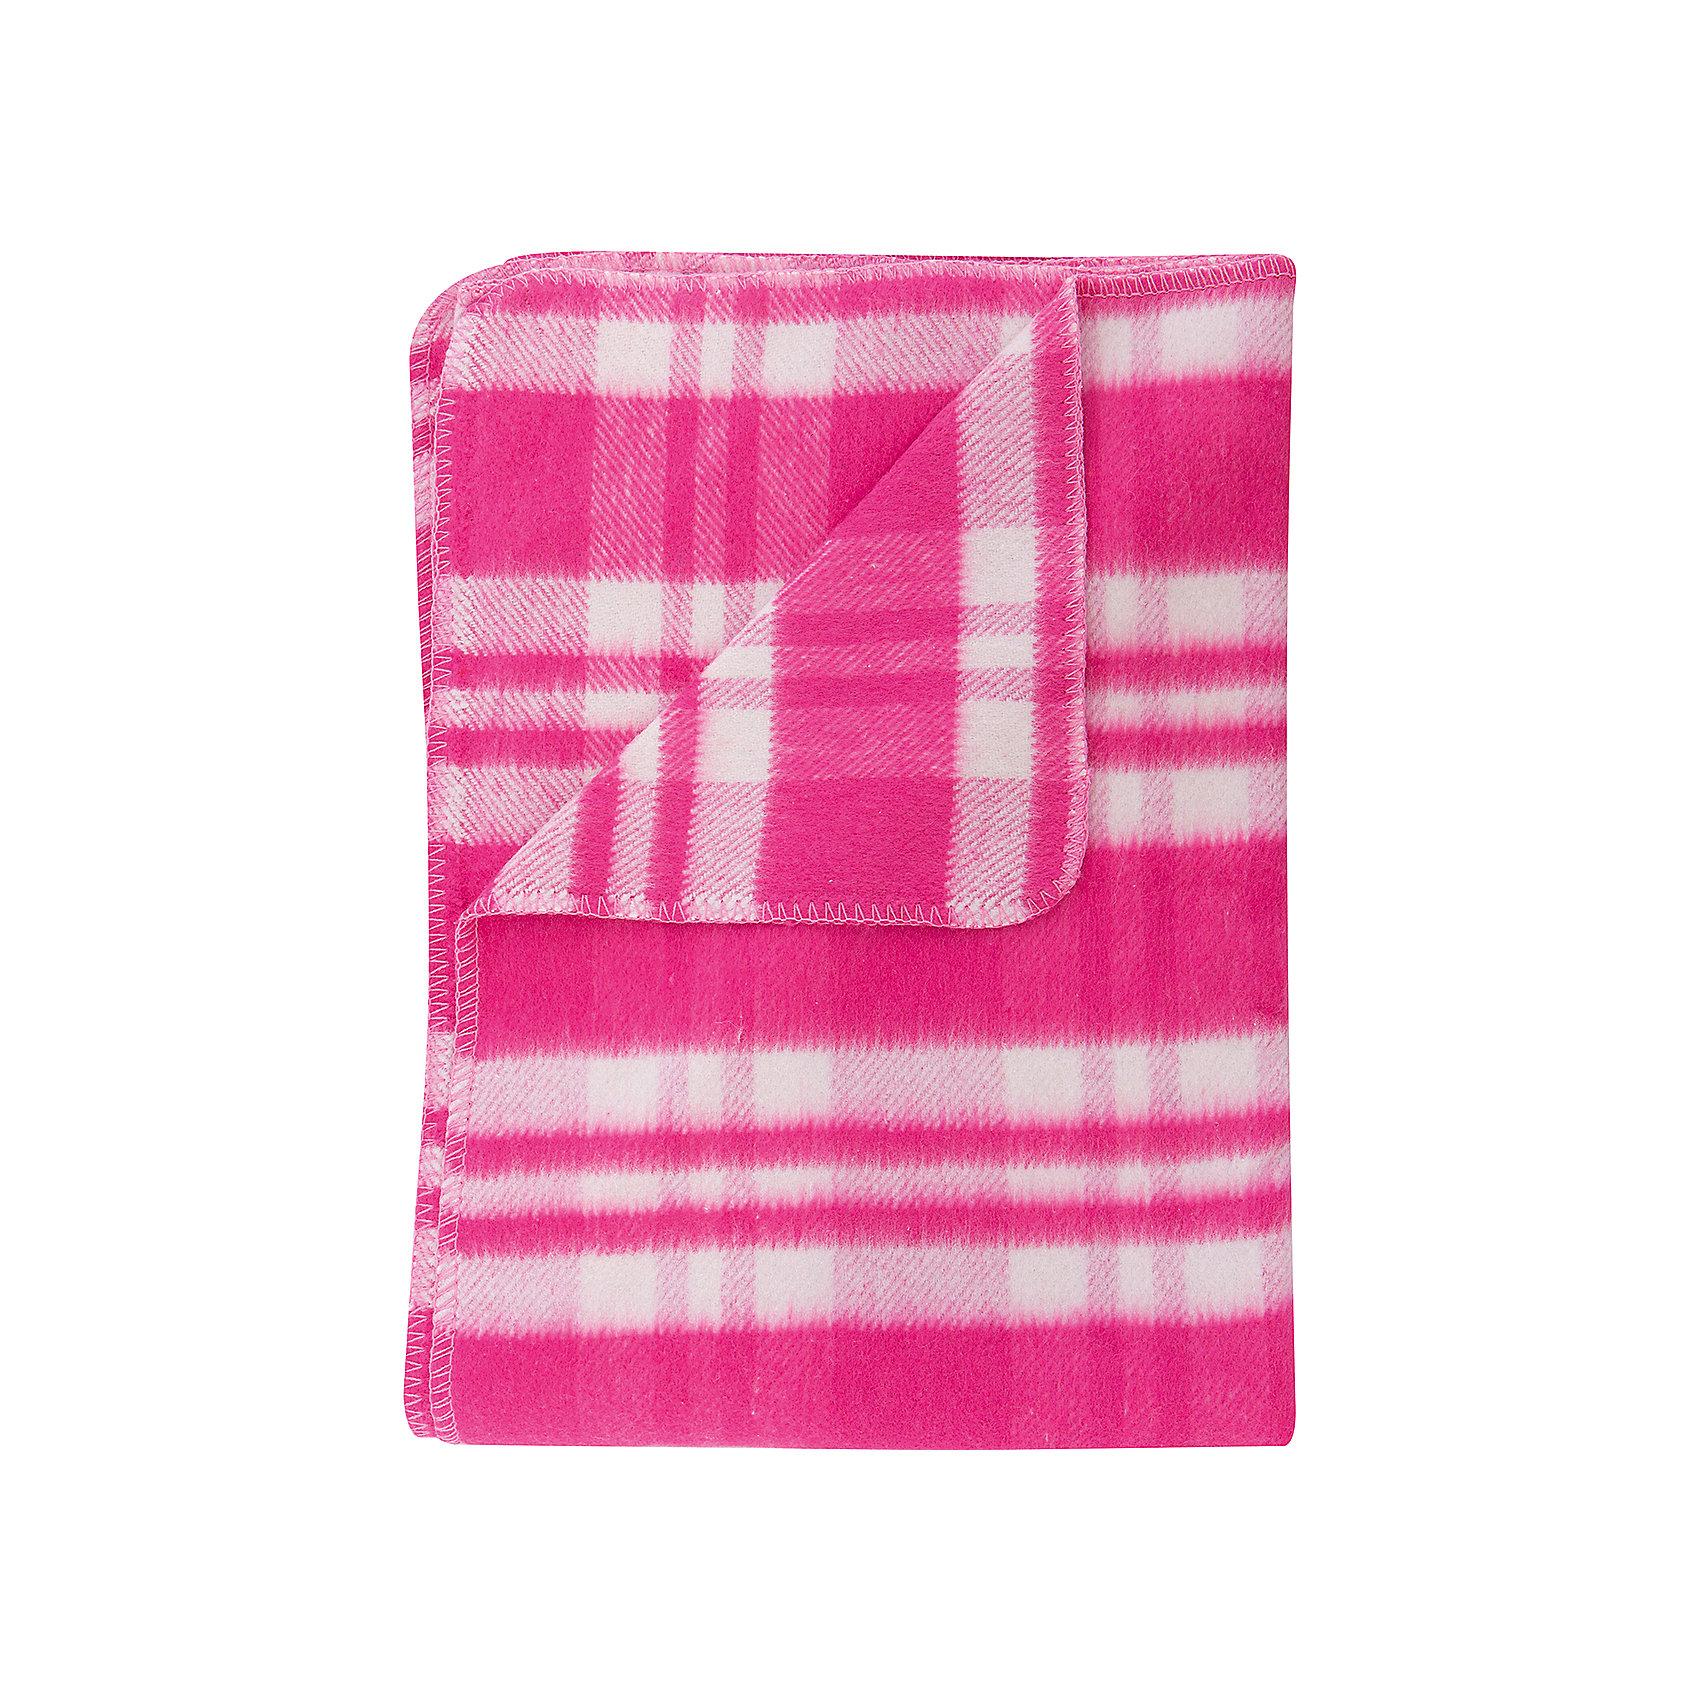 Одеяло байковое, хлопок, Клетка Baby Nice, розовыйОдеяло байковое, хлопок, Клетка Baby Nice, розовый<br><br>Характеристики:<br><br>• Состав: 100% хлопок<br>• Размер: 100 * 140 см.<br>• Для детей в возрасте: от мес<br>• Страна производитель: Россия<br><br>Мягкое, приятное одеяло от Объединенной Текстильной Компании, специализирующейся на производстве качественного постельного белья и принадлежностей по приемлемой цене. Нежная расцветка в клеточку с розовыми полосками на белом фоне идеально подойдет для девочек. Натуральный материал одеяла согревает и вместе с тем пропускает воздух, позволяя коже ребёнка дышать. <br><br>Края изделия оверлочены и выглядят очень аккуратно. Вы можете одеть пододеяльник на одеяло или использовать его как плед. Кроме использования в кроватке, это легкое одеялко удобно брать с собой на прогулку в парк прохладным вечером или в машину, чтобы укрывать малыша если он уснет в дороге. Добавьте атмосферы уюта и комфорта вместе с новым одеялом!<br><br>Одеяло байковое, хлопок, Клетка Baby Nice, розовое можно купить в нашем интернет-магазине.<br><br>Ширина мм: 230<br>Глубина мм: 250<br>Высота мм: 40<br>Вес г: 500<br>Возраст от месяцев: 0<br>Возраст до месяцев: 12<br>Пол: Женский<br>Возраст: Детский<br>SKU: 5454331